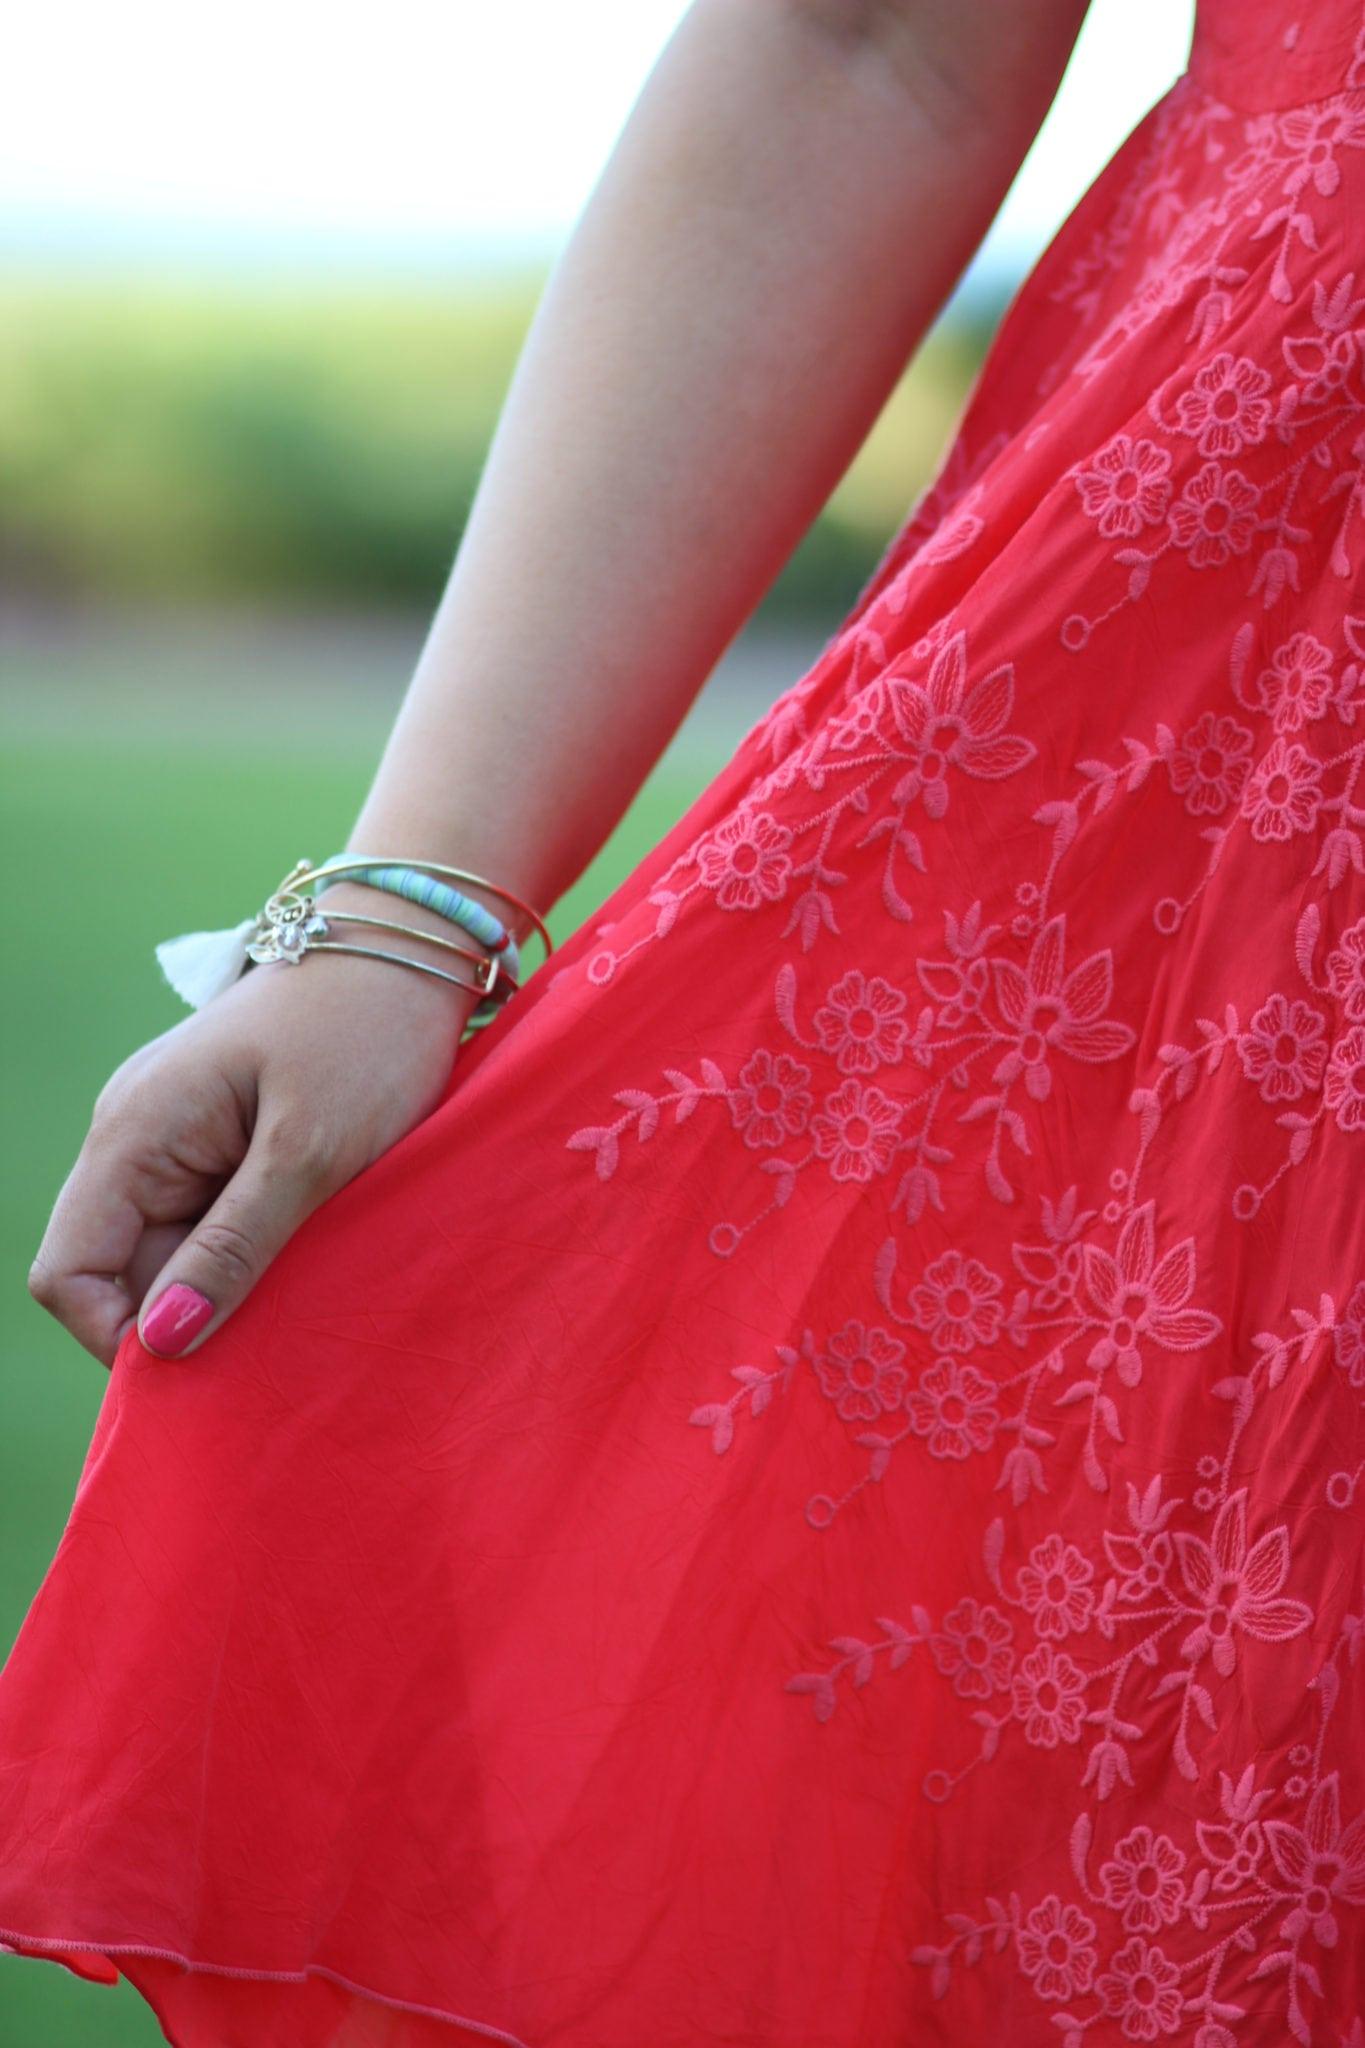 bohemian-dress-for-summer | bohemian-summer-dress | flirty lace dress | lace outfit | pink dress | dress for summer